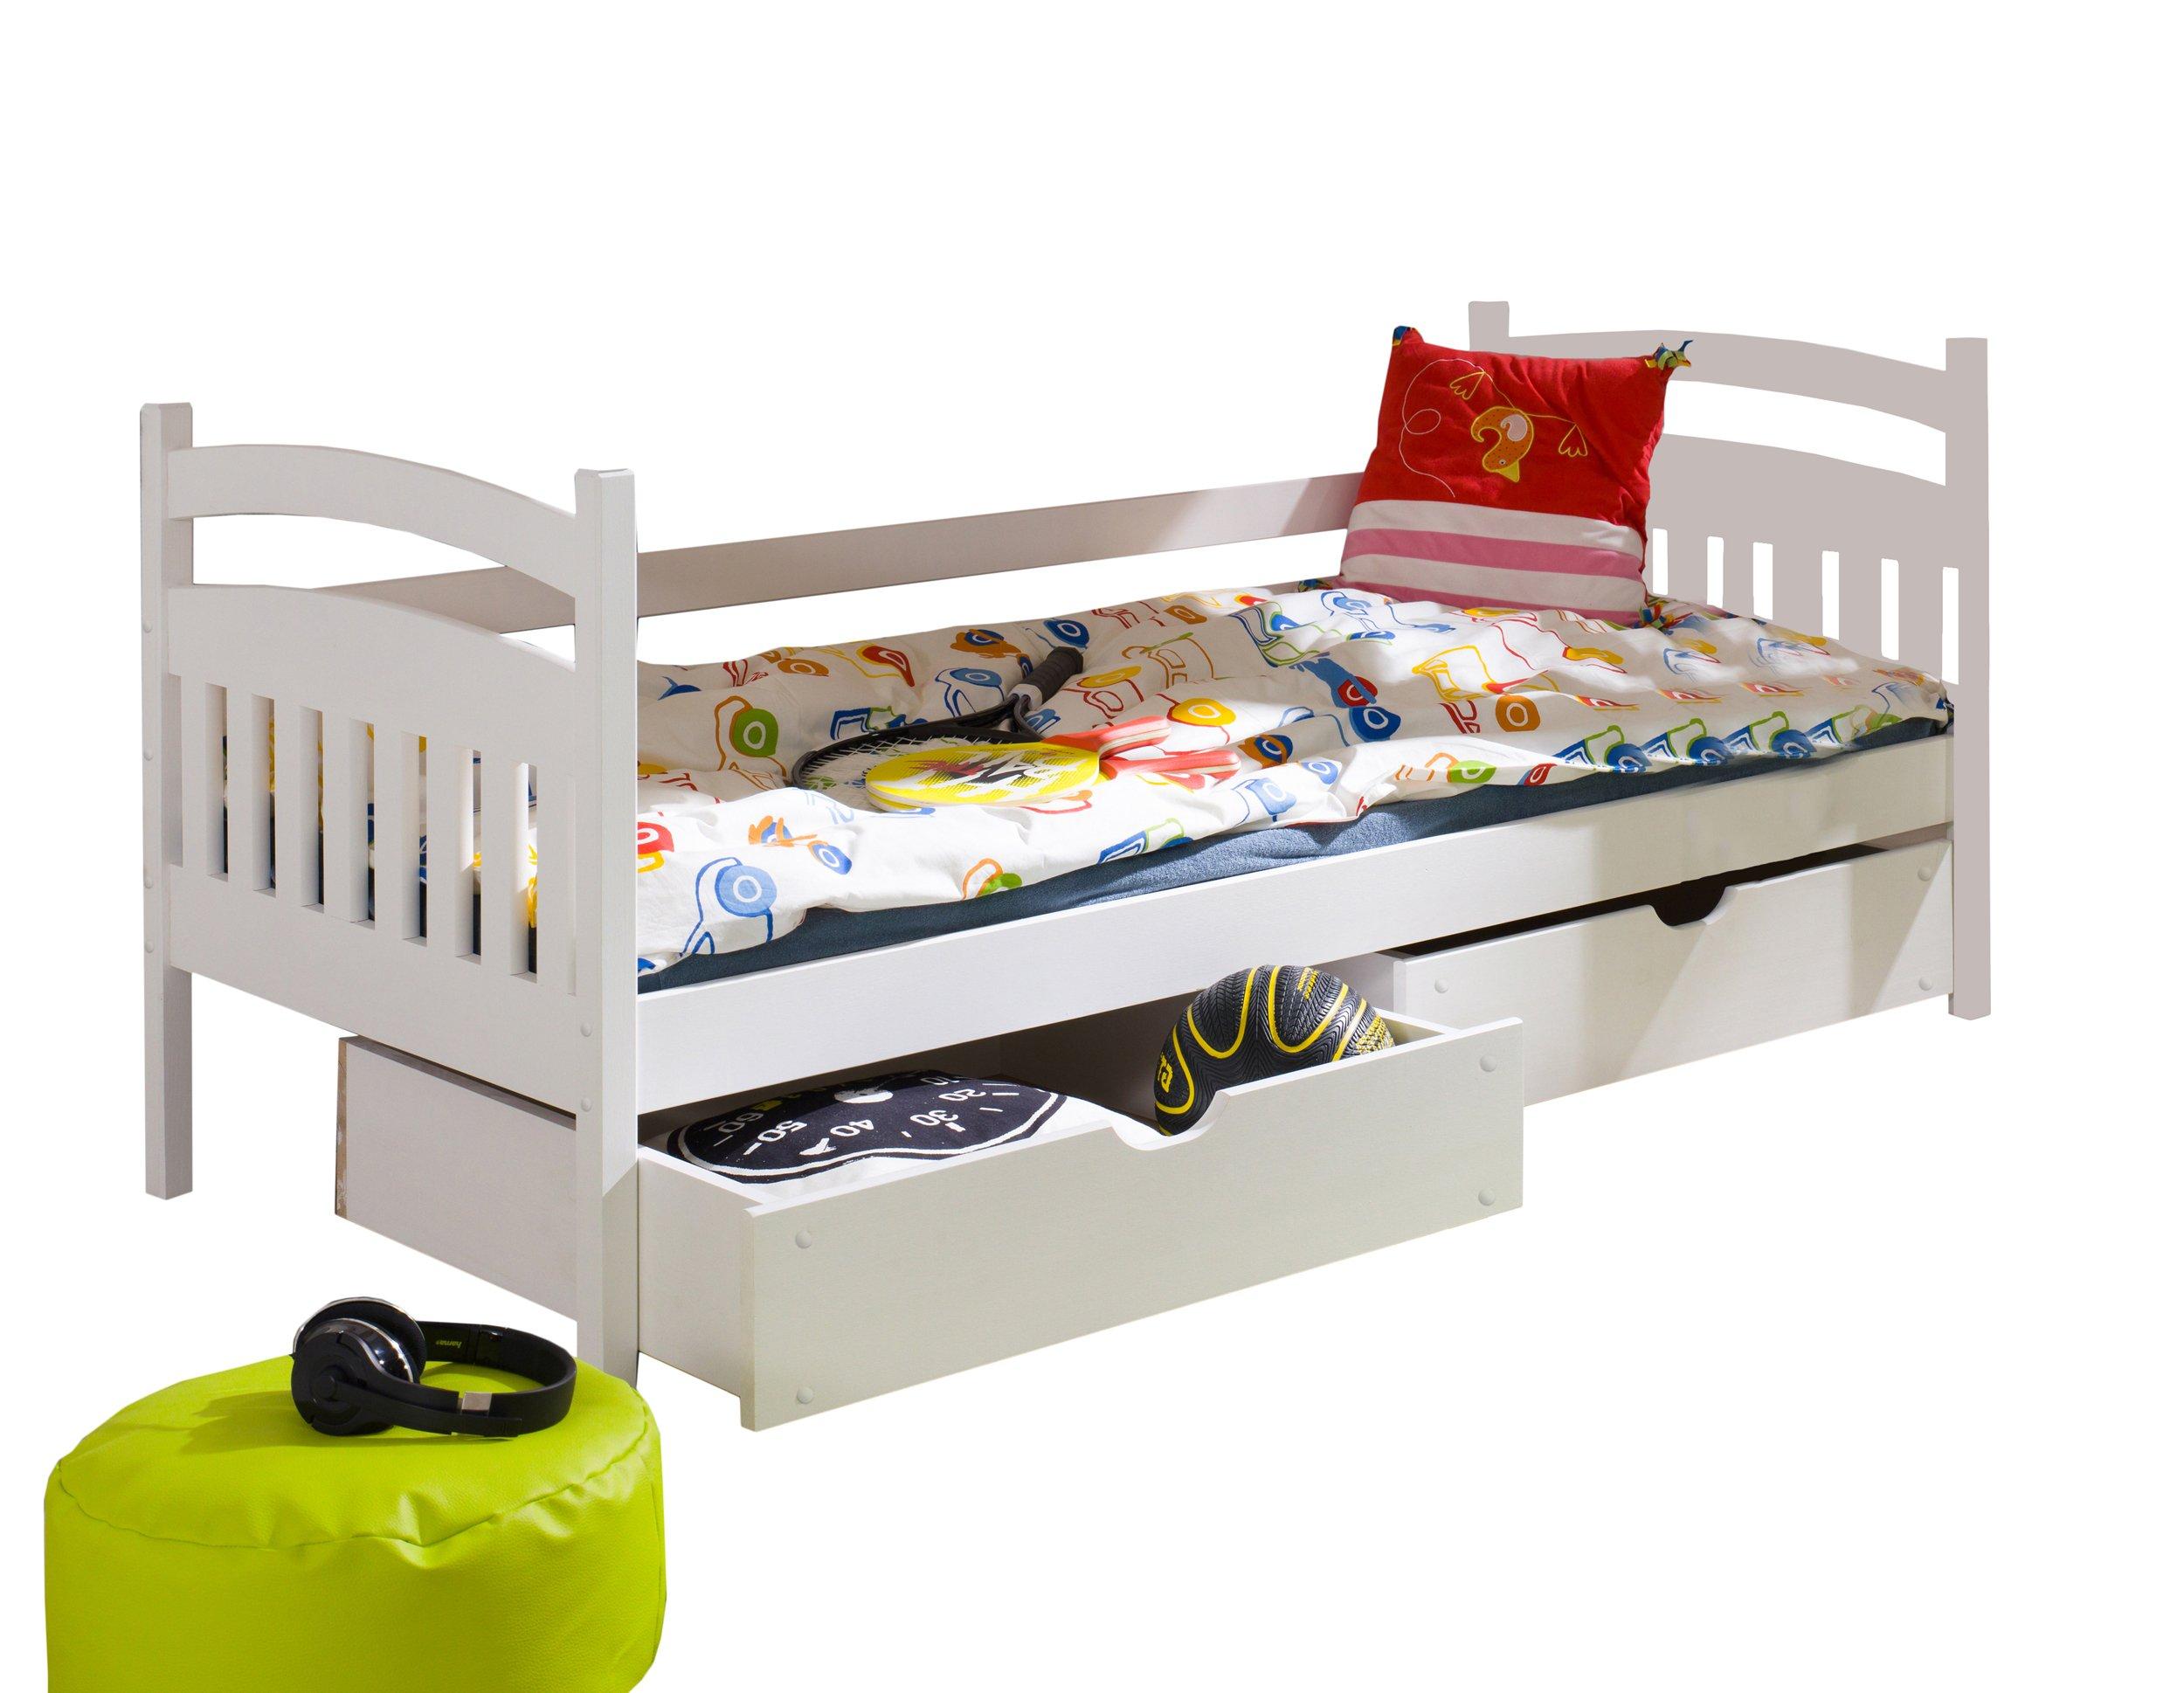 łóżko Pojedyncze Collin Pod Materac 190x90 7161765818